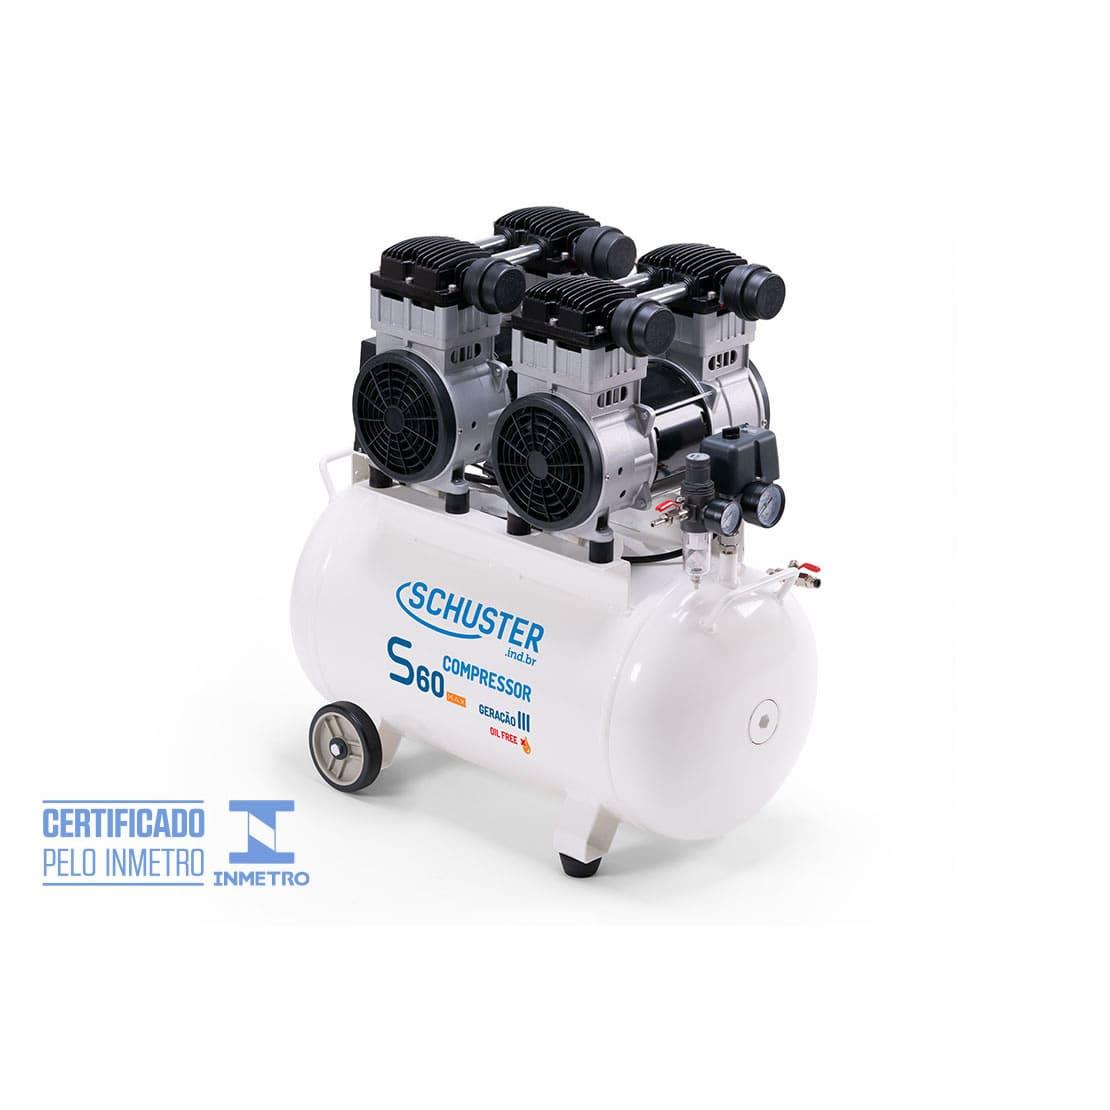 Compressor isento de óleo S60 Max - Geração III - Schuster